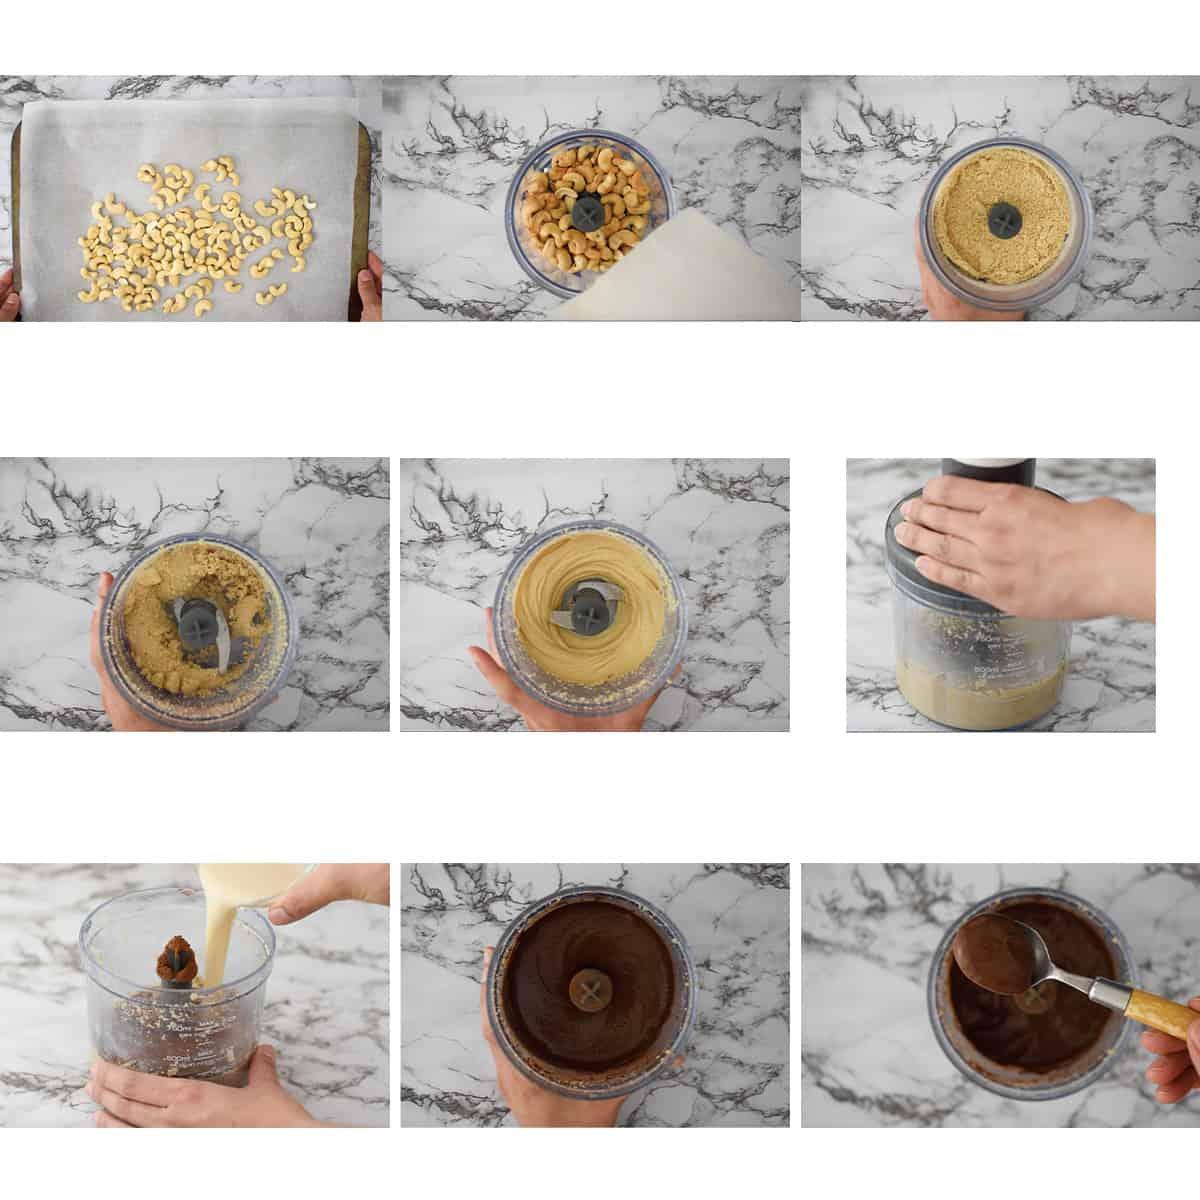 Receta paso a paso para preparar Nutella hecha en casa